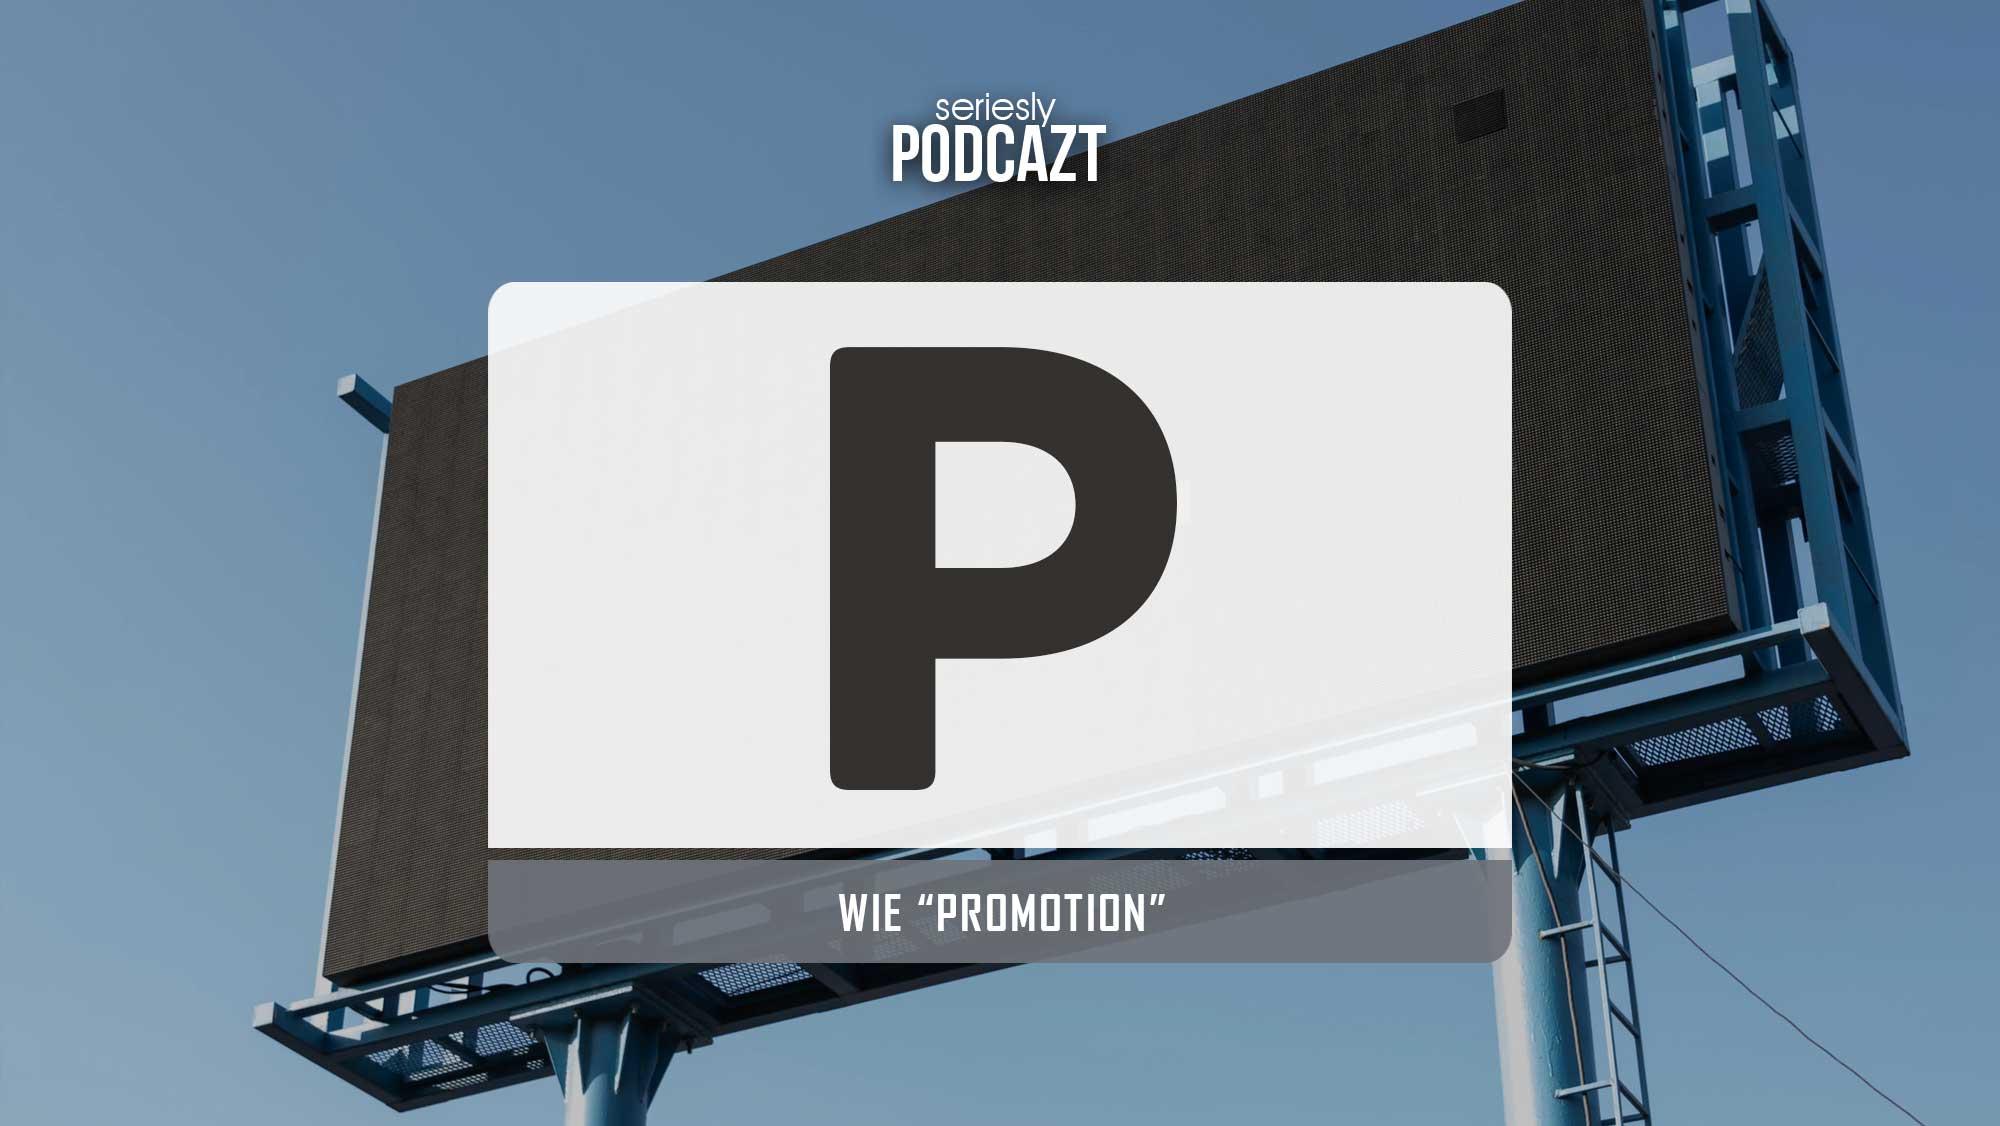 Ich spreche im Podcast über Promotion von TV-Serien